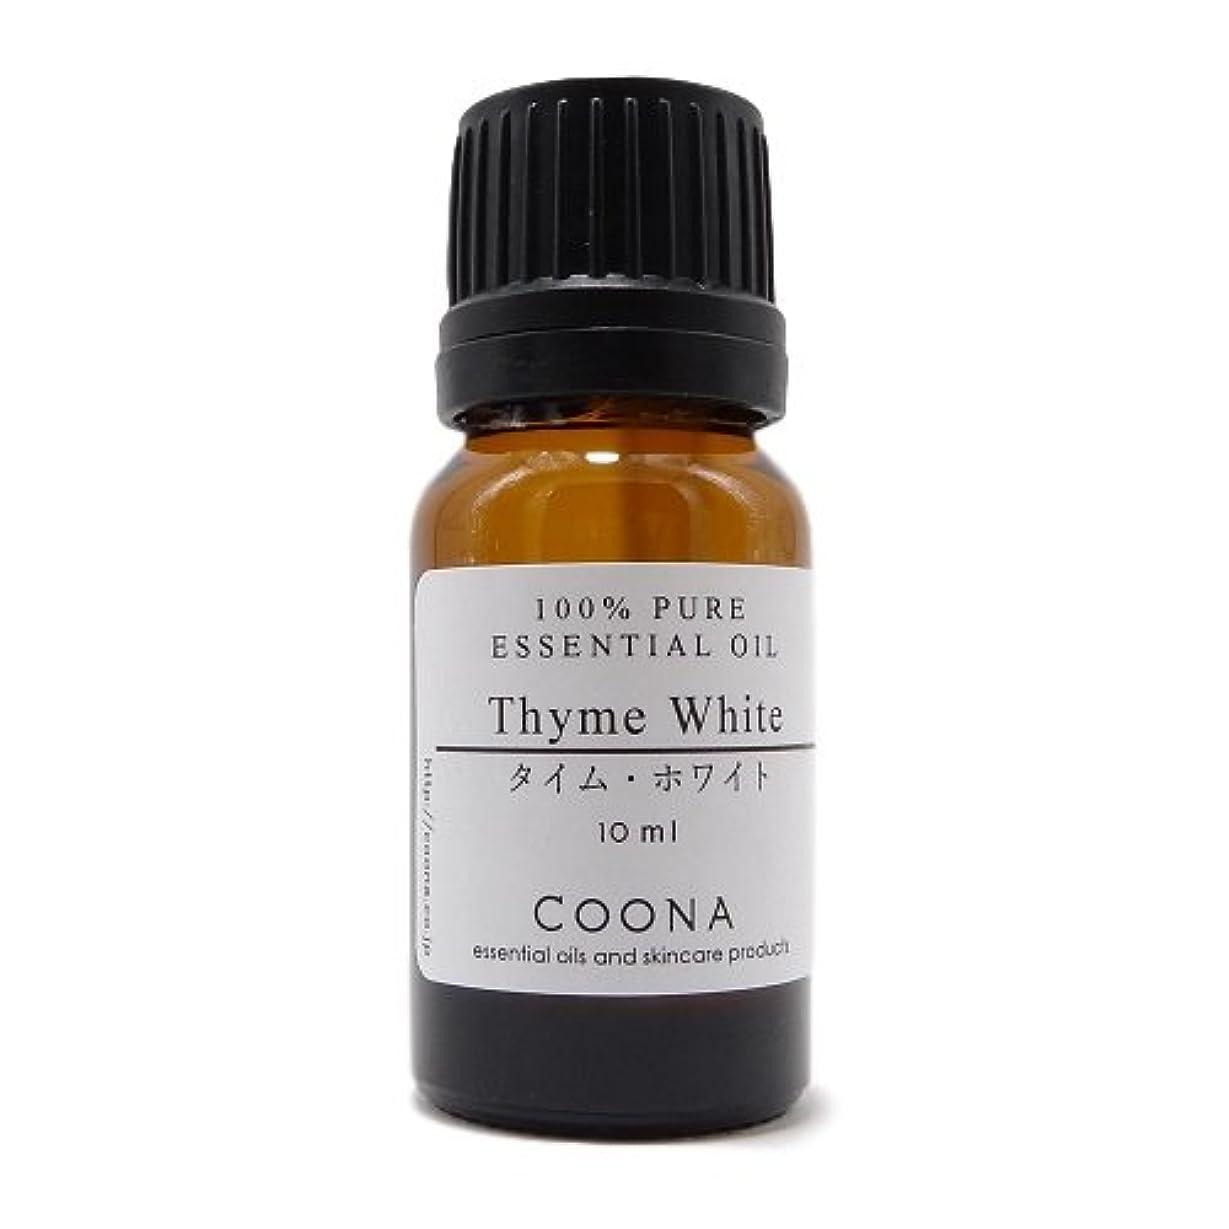 公式びっくりする尾タイム ホワイト 10 ml (COONA エッセンシャルオイル アロマオイル 100%天然植物精油)